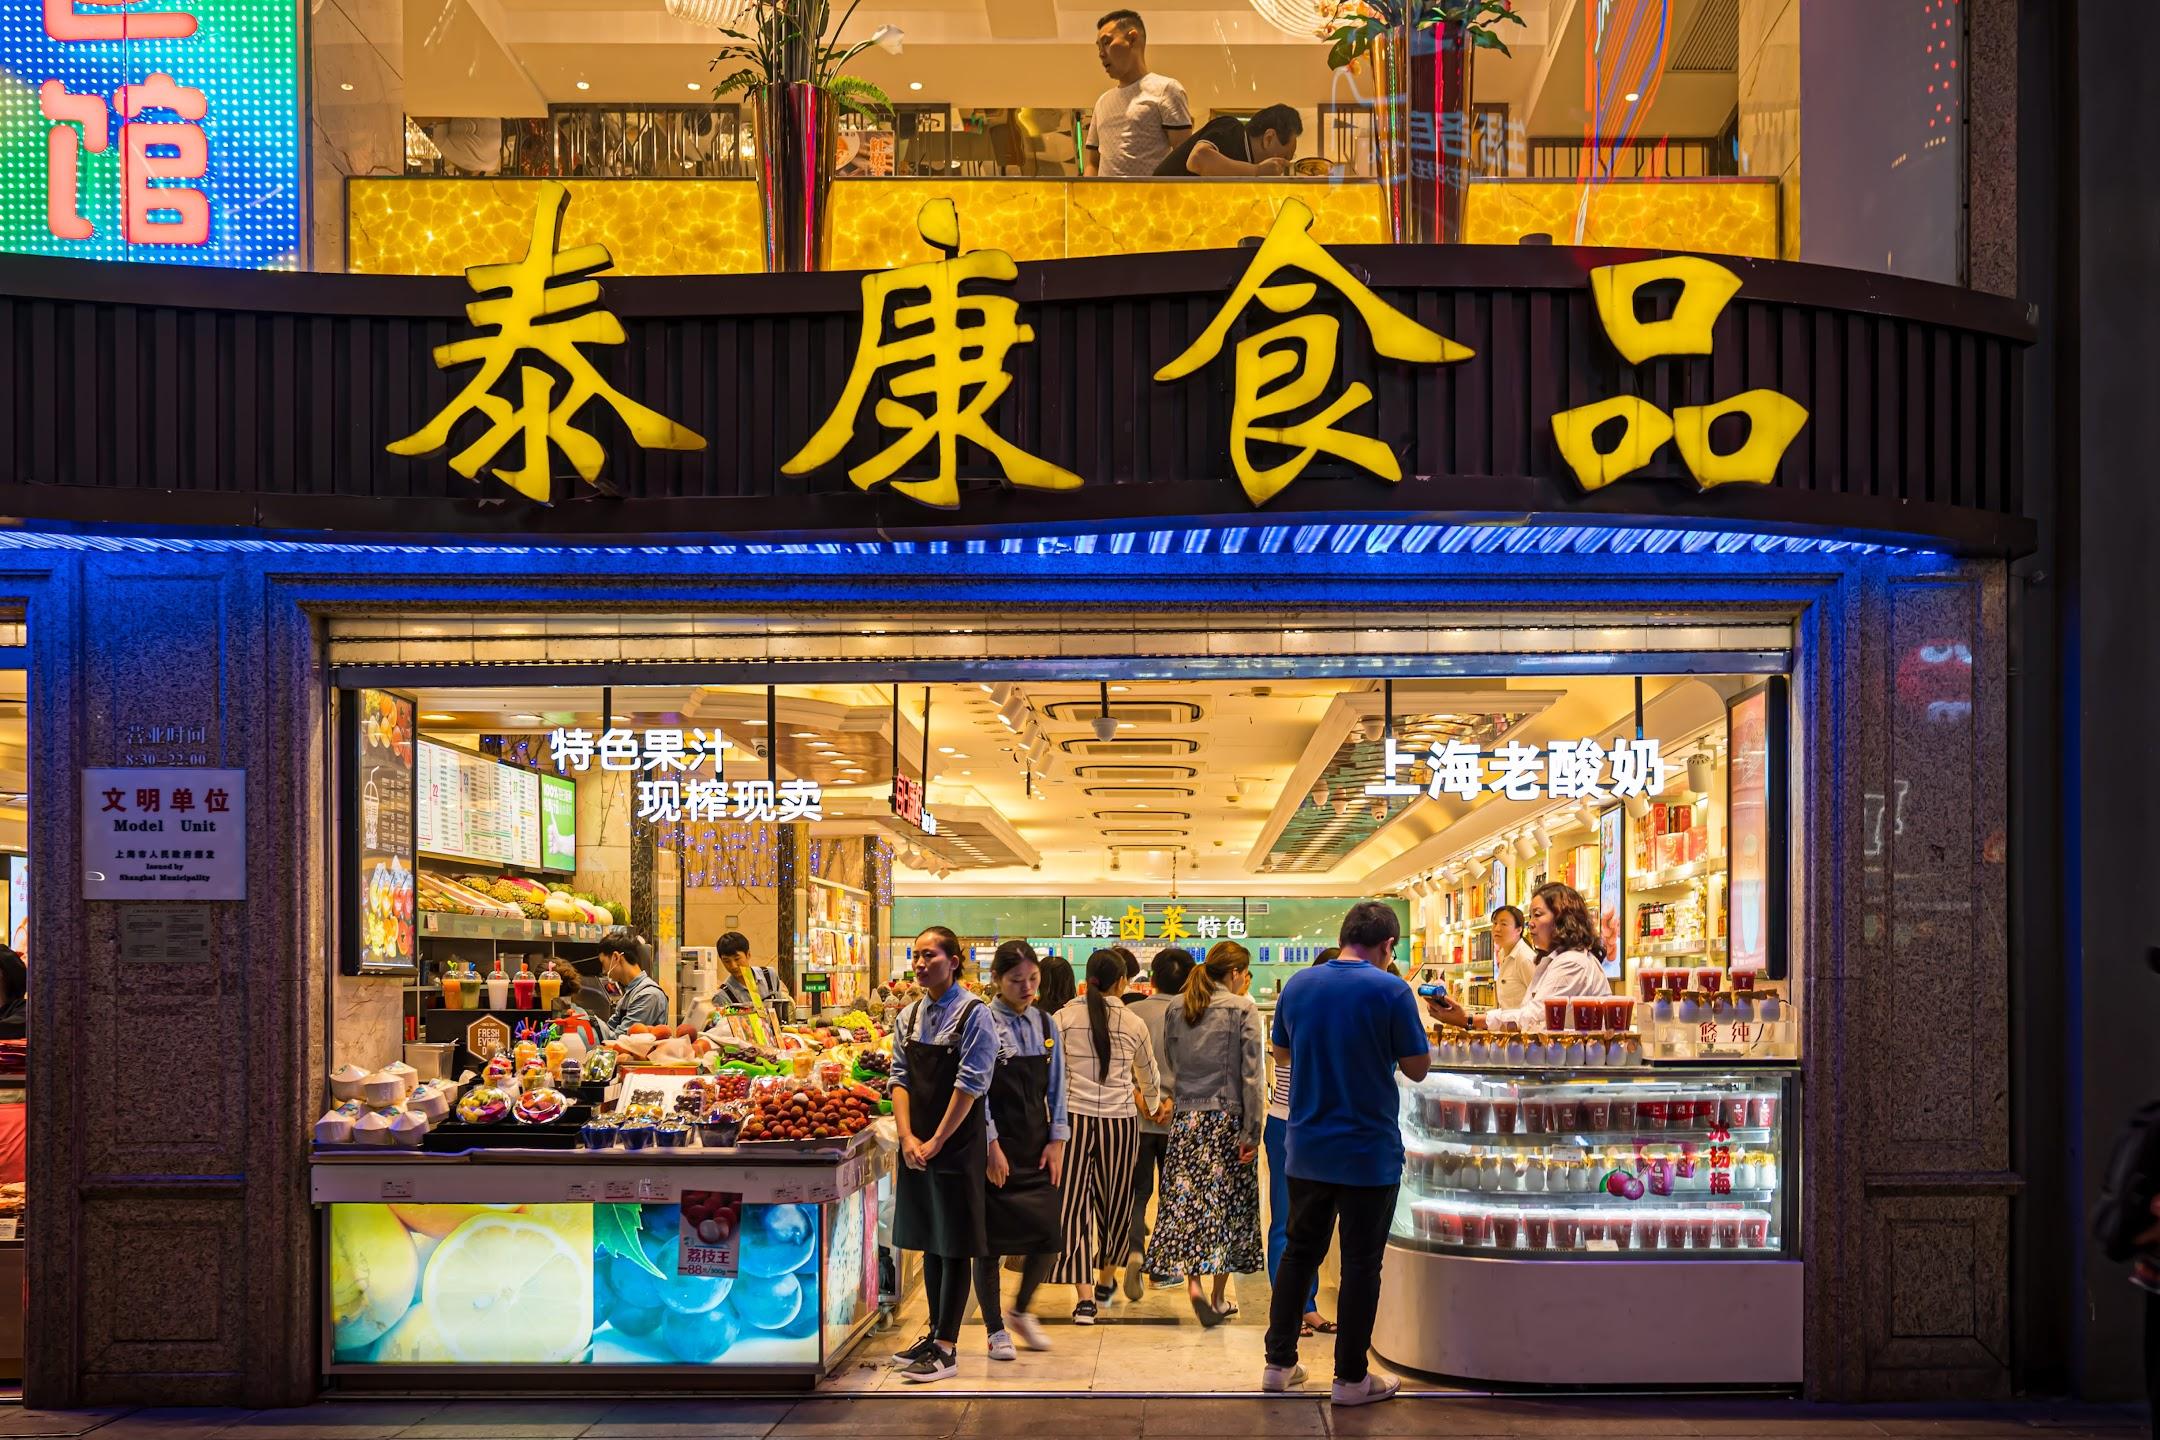 上海 南京東路 夜4